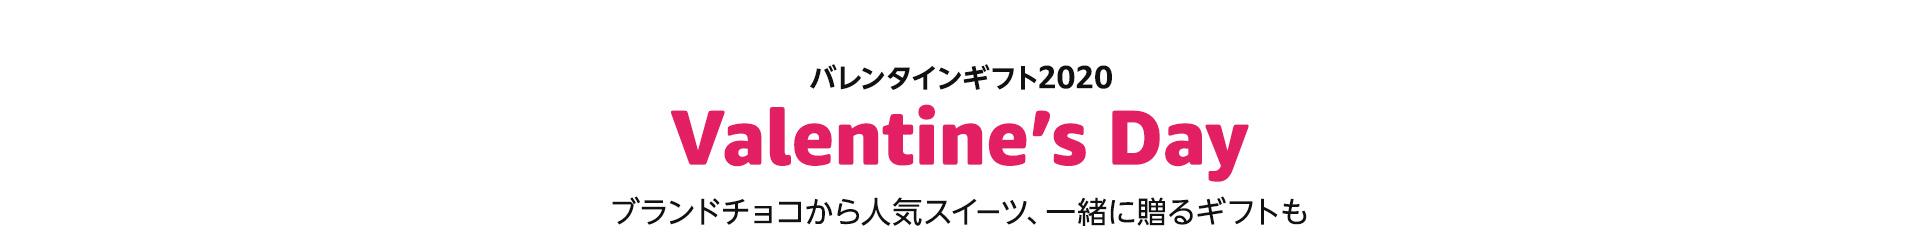 バレンタインギフト 2020 ブランドチョコから人気スイーツ、一緒に贈るギフトも